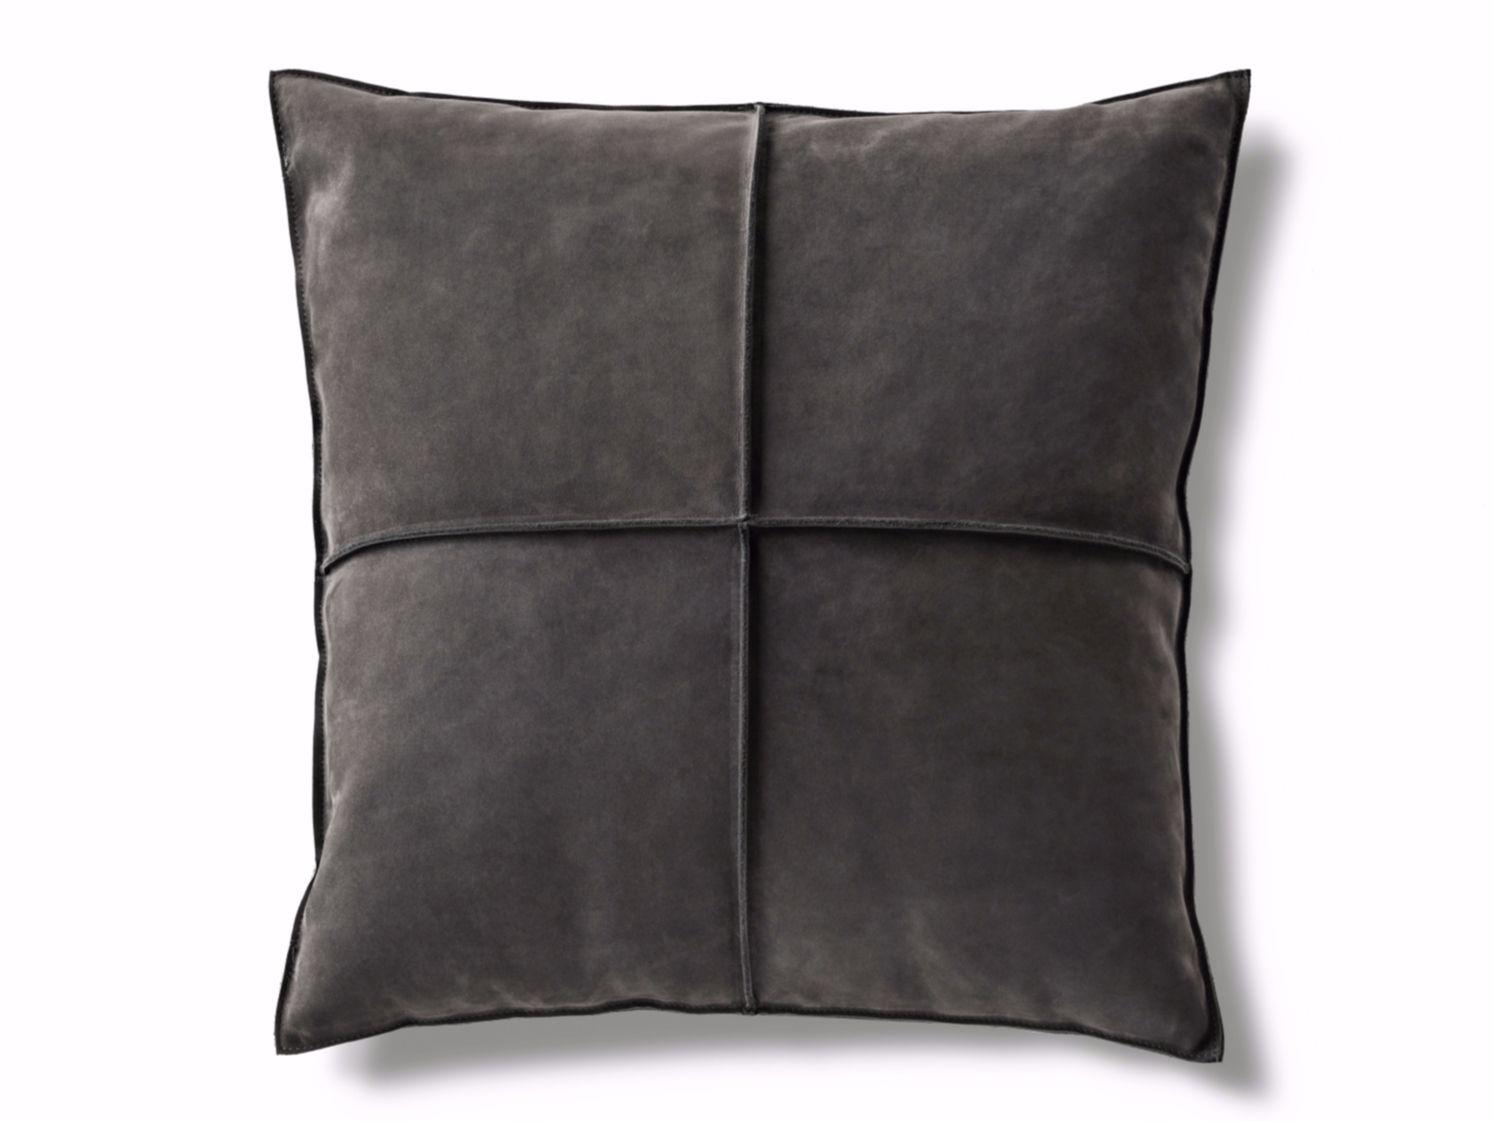 Federe Cuscini 60 X 80.Cuscino Cuscino Braque Minotti Cushions Leather Decor